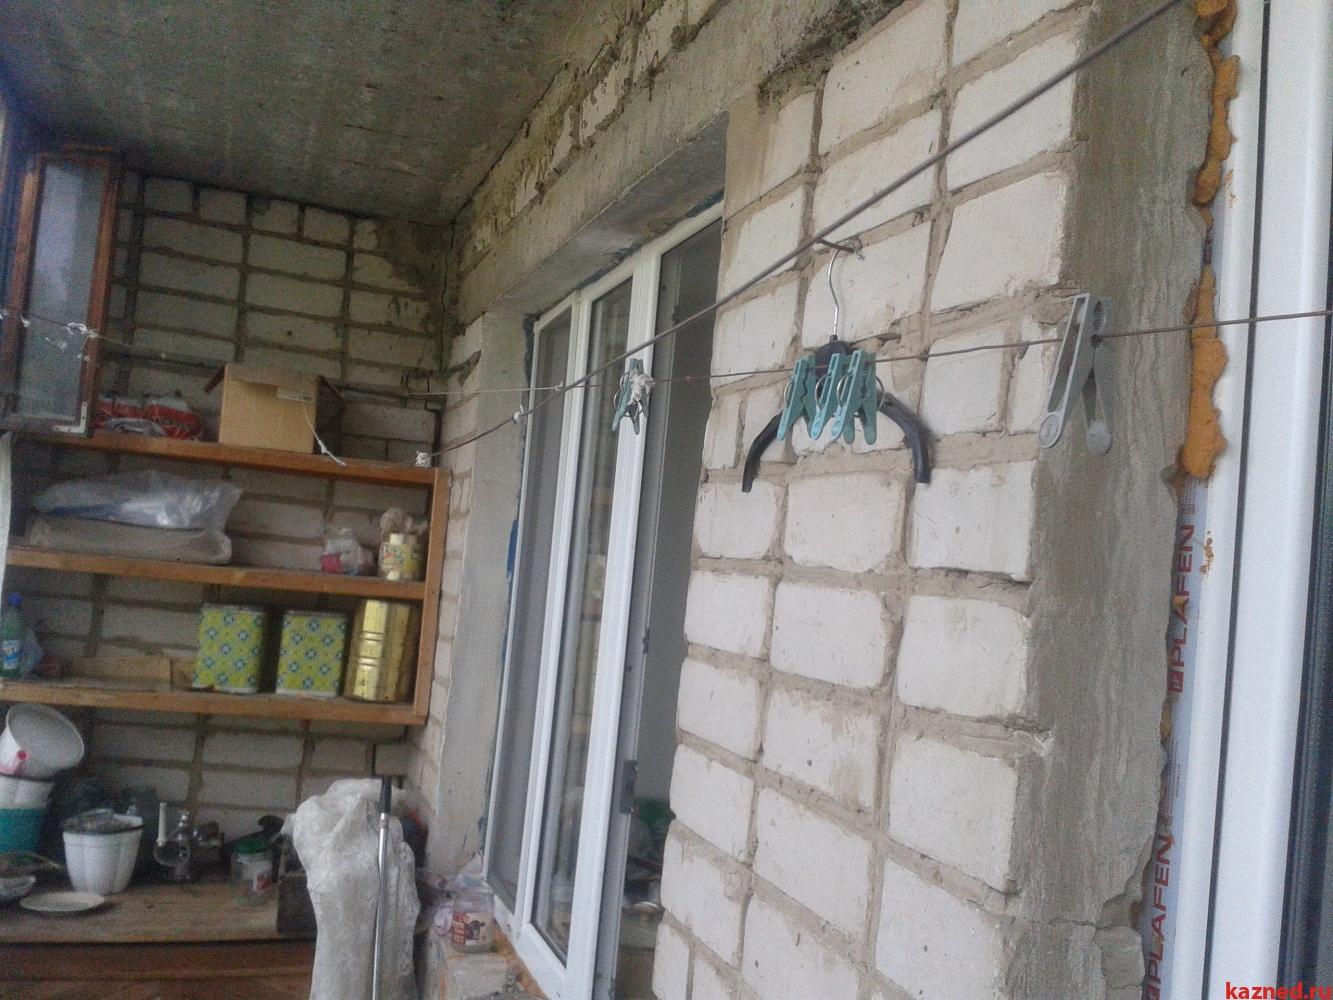 Продажа 1-к квартиры Новая, 7, 37 м²  (миниатюра №5)